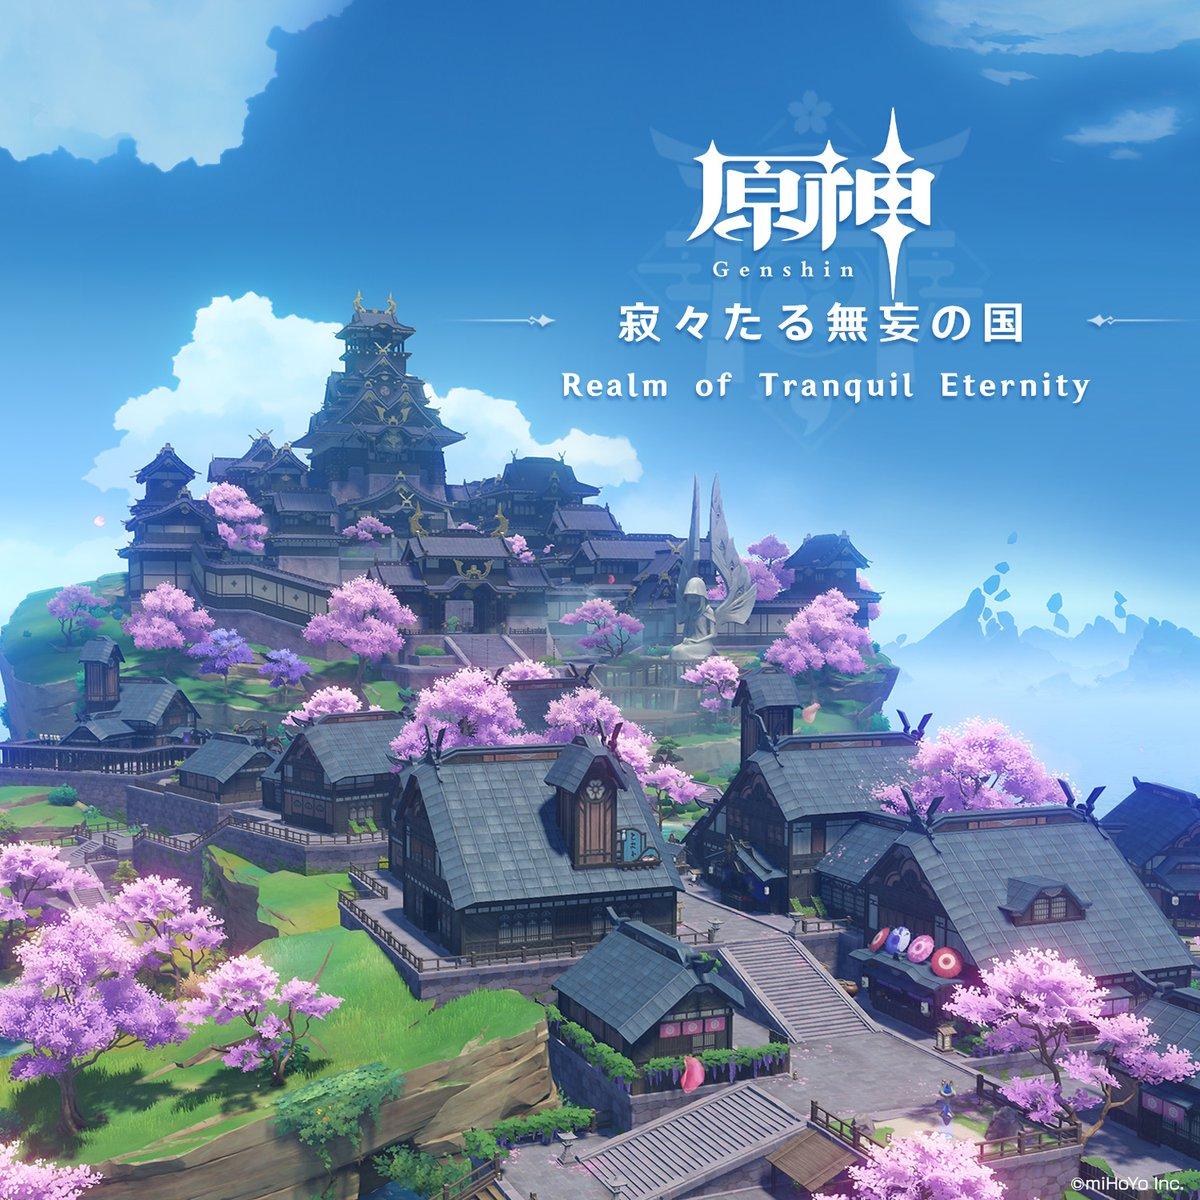 【原神OST】『原神』稲妻OST『寂々たる無妄の国 Realm of Tranquil Eternity』が本日より配信開始しました。配信はこちらから▼YouTubeDisc 1 Disc 2 Disc 3 #原神 #Genshin #原神OST